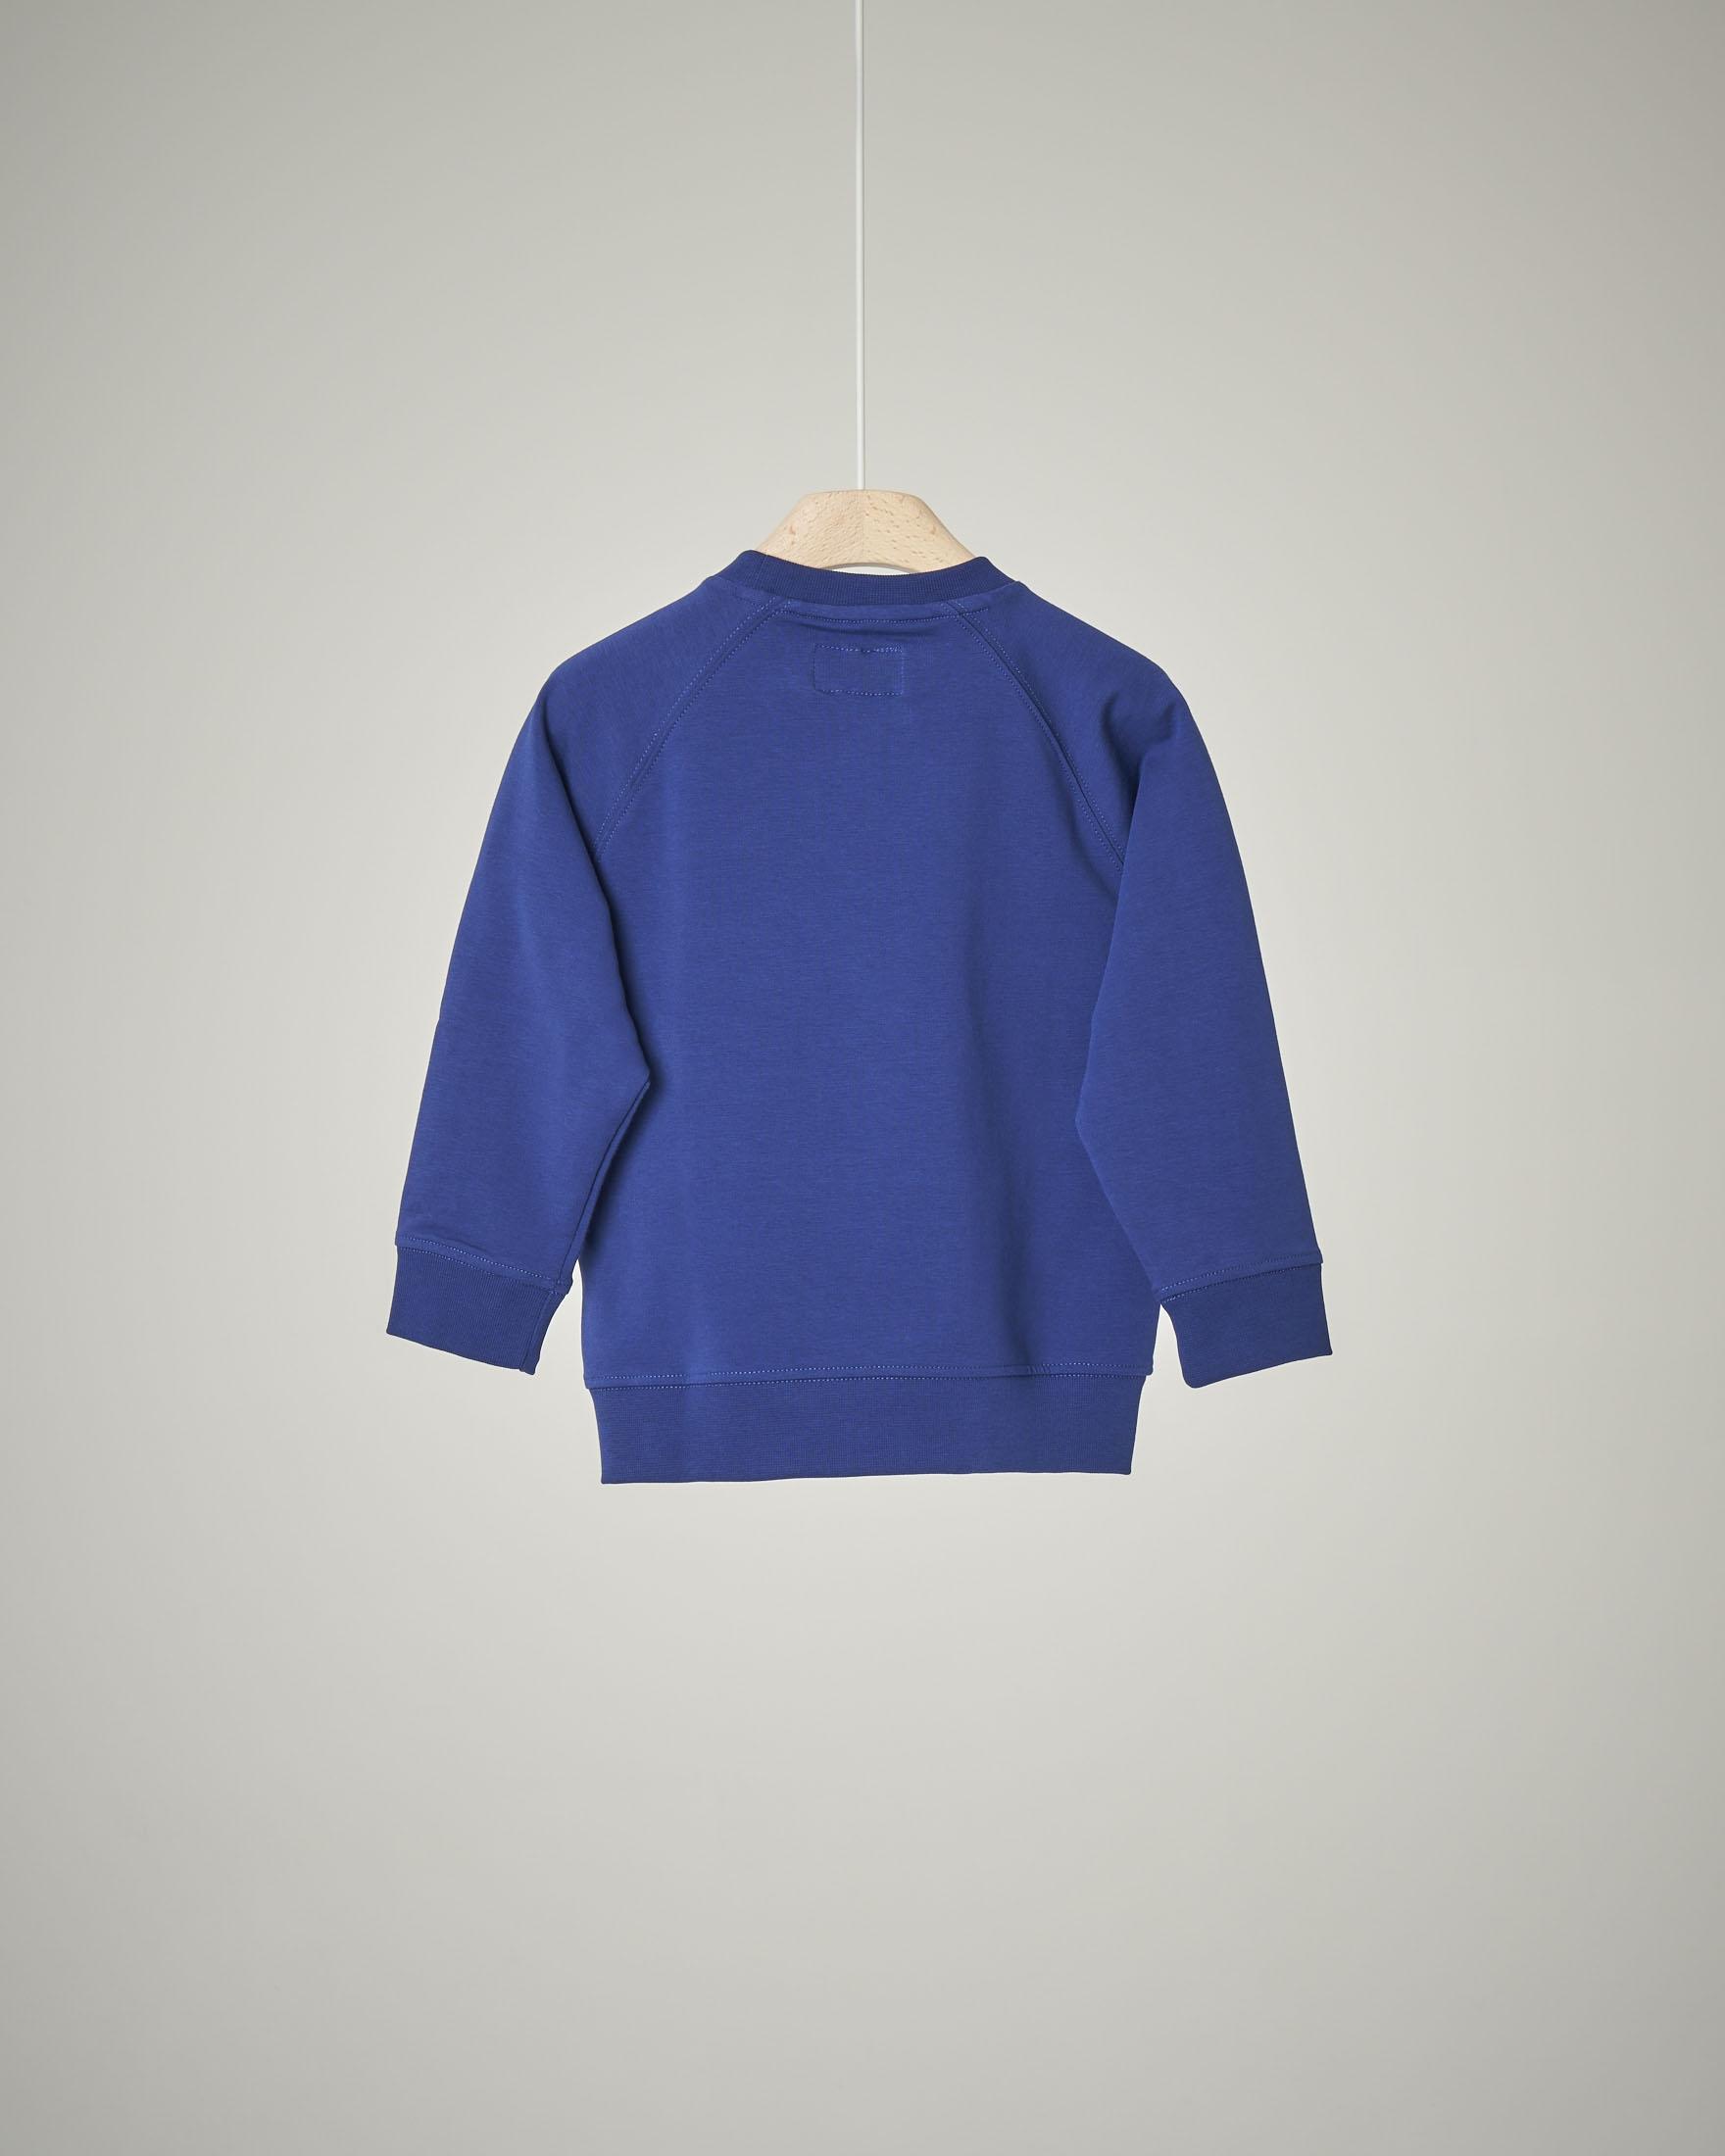 Felpa bluette logo rilievo 4-8 anni